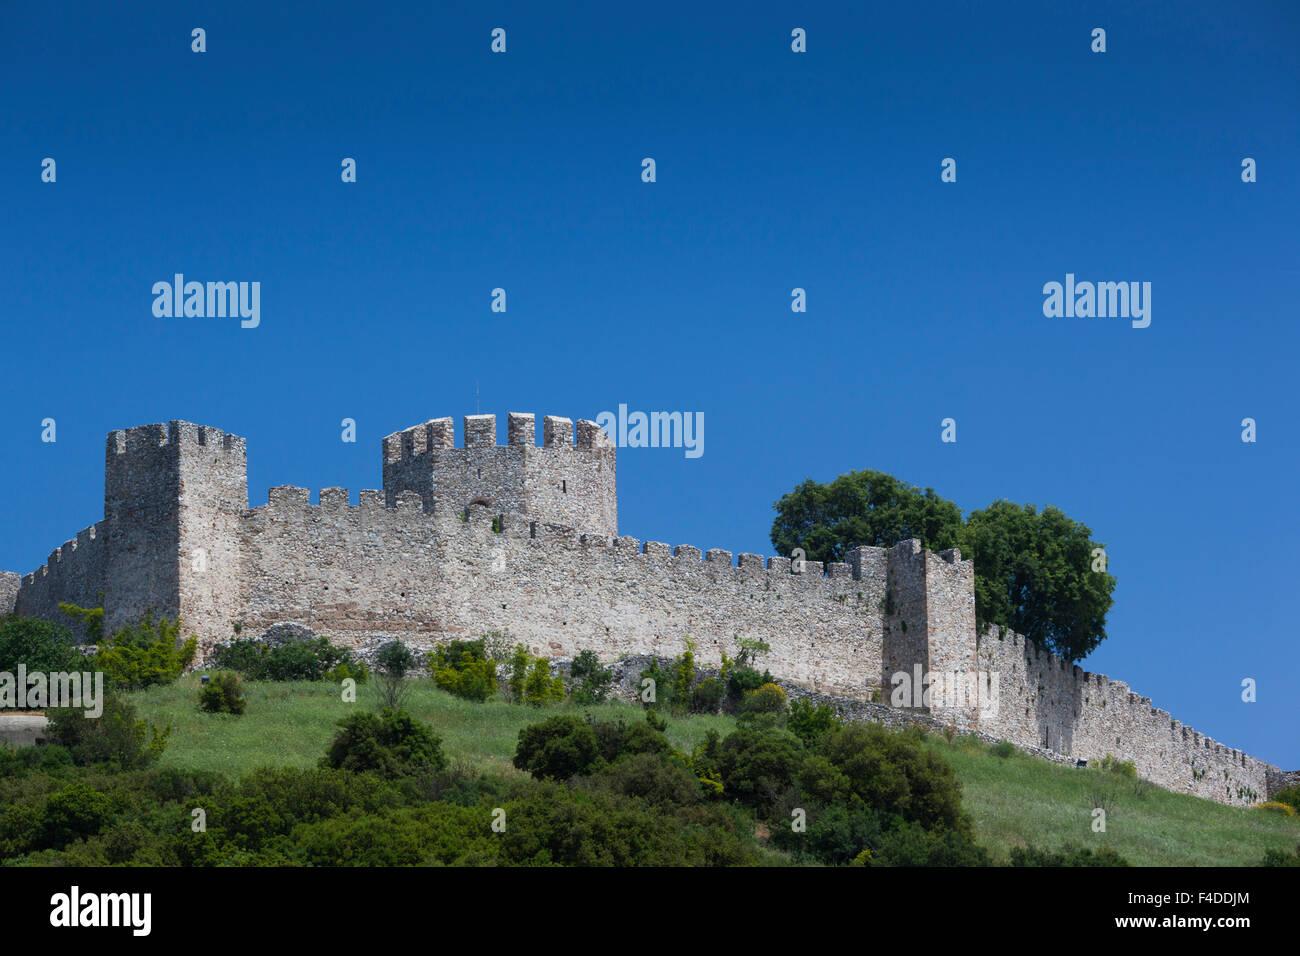 Greece, Thessaly, Platamonas, 13th century Platamonas Castle - Stock Image